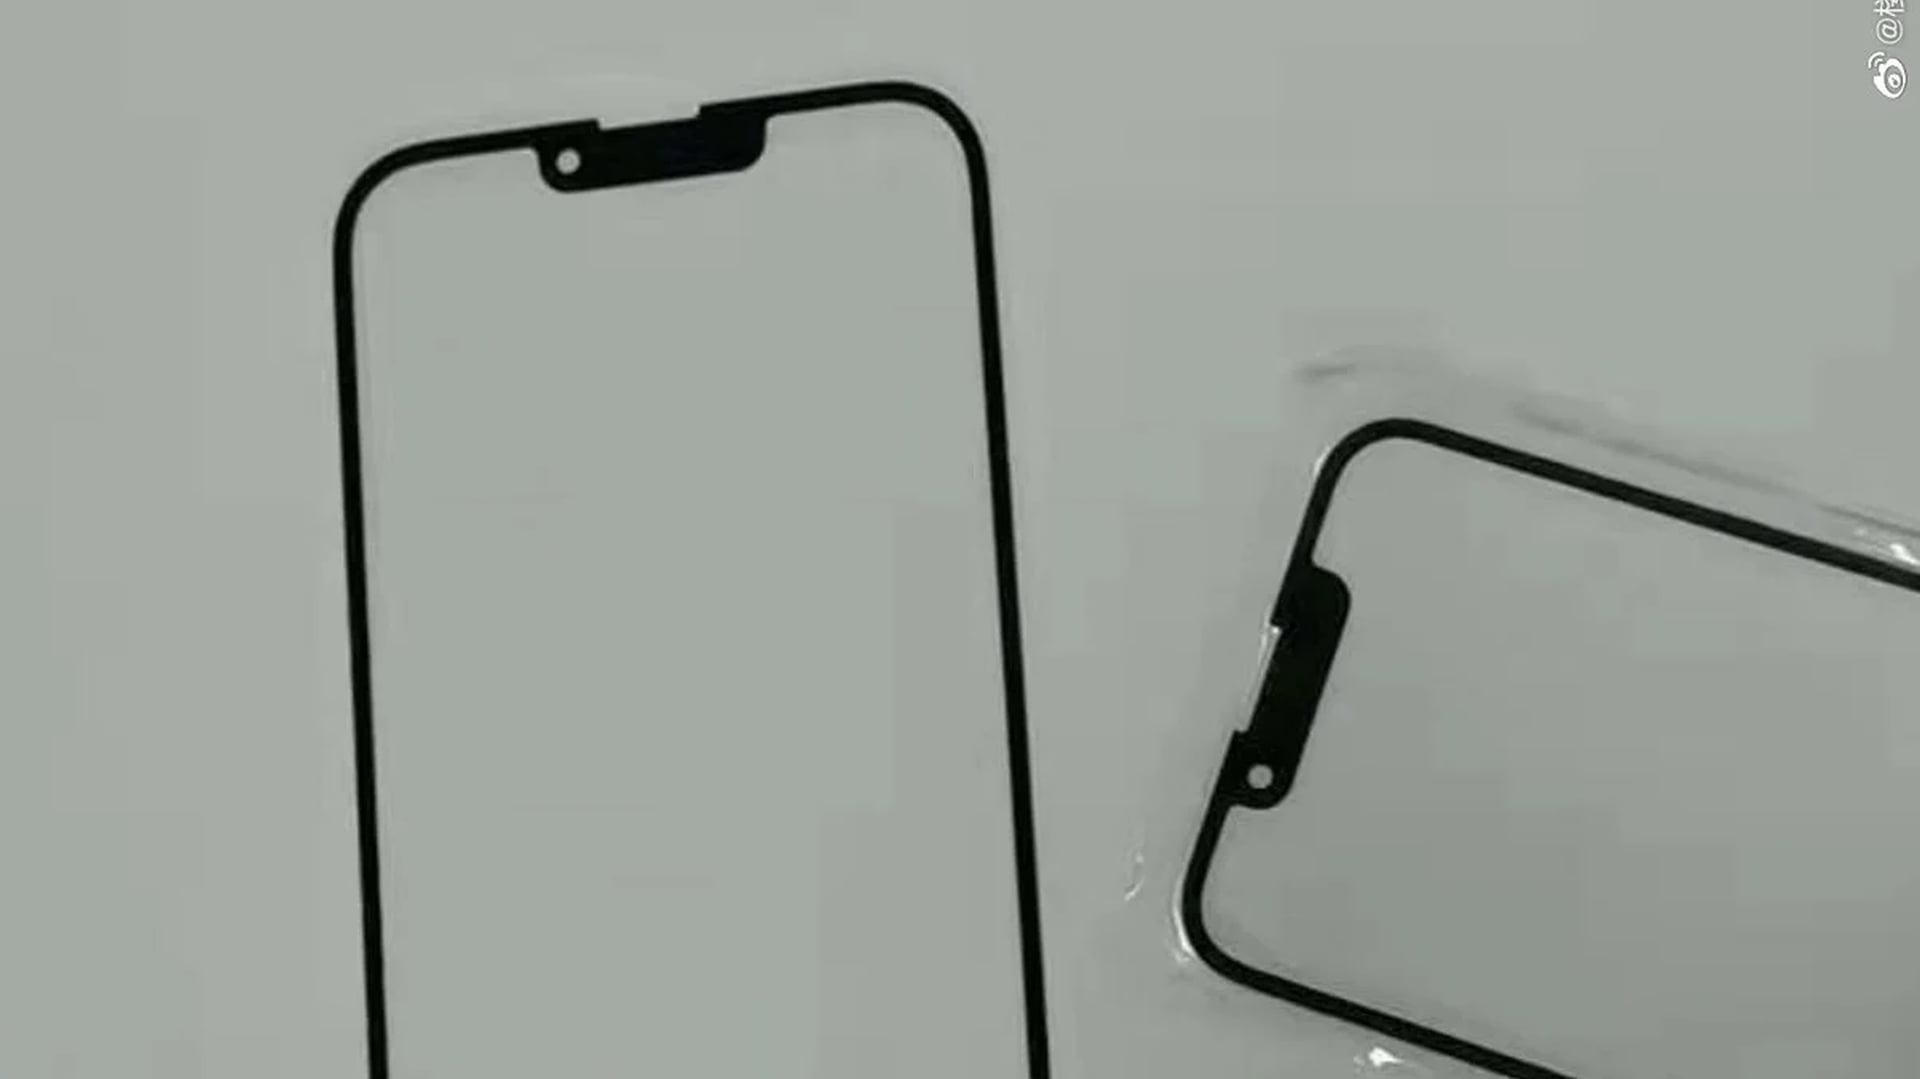 Nowe informacje o zmniejszonym wcięciu w ekranie iPhone'a 13